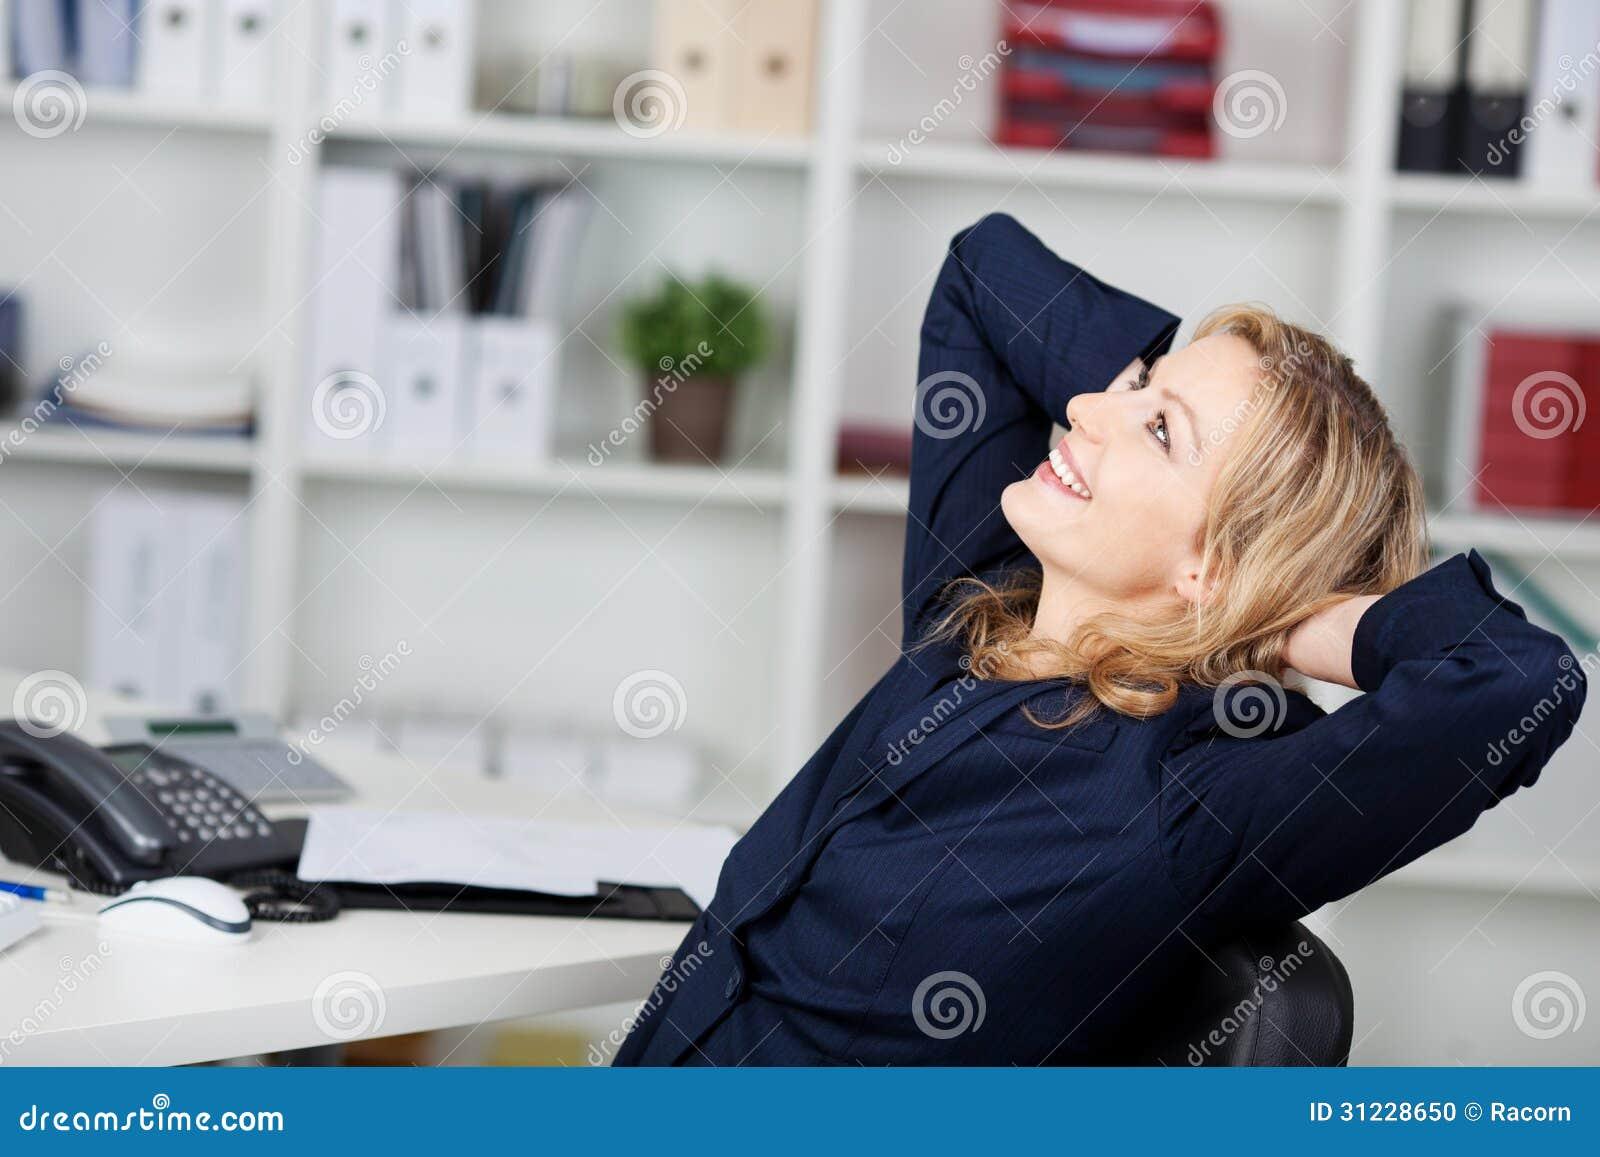 Onderneemster Relaxing With Hands achter Hoofd bij Bureau